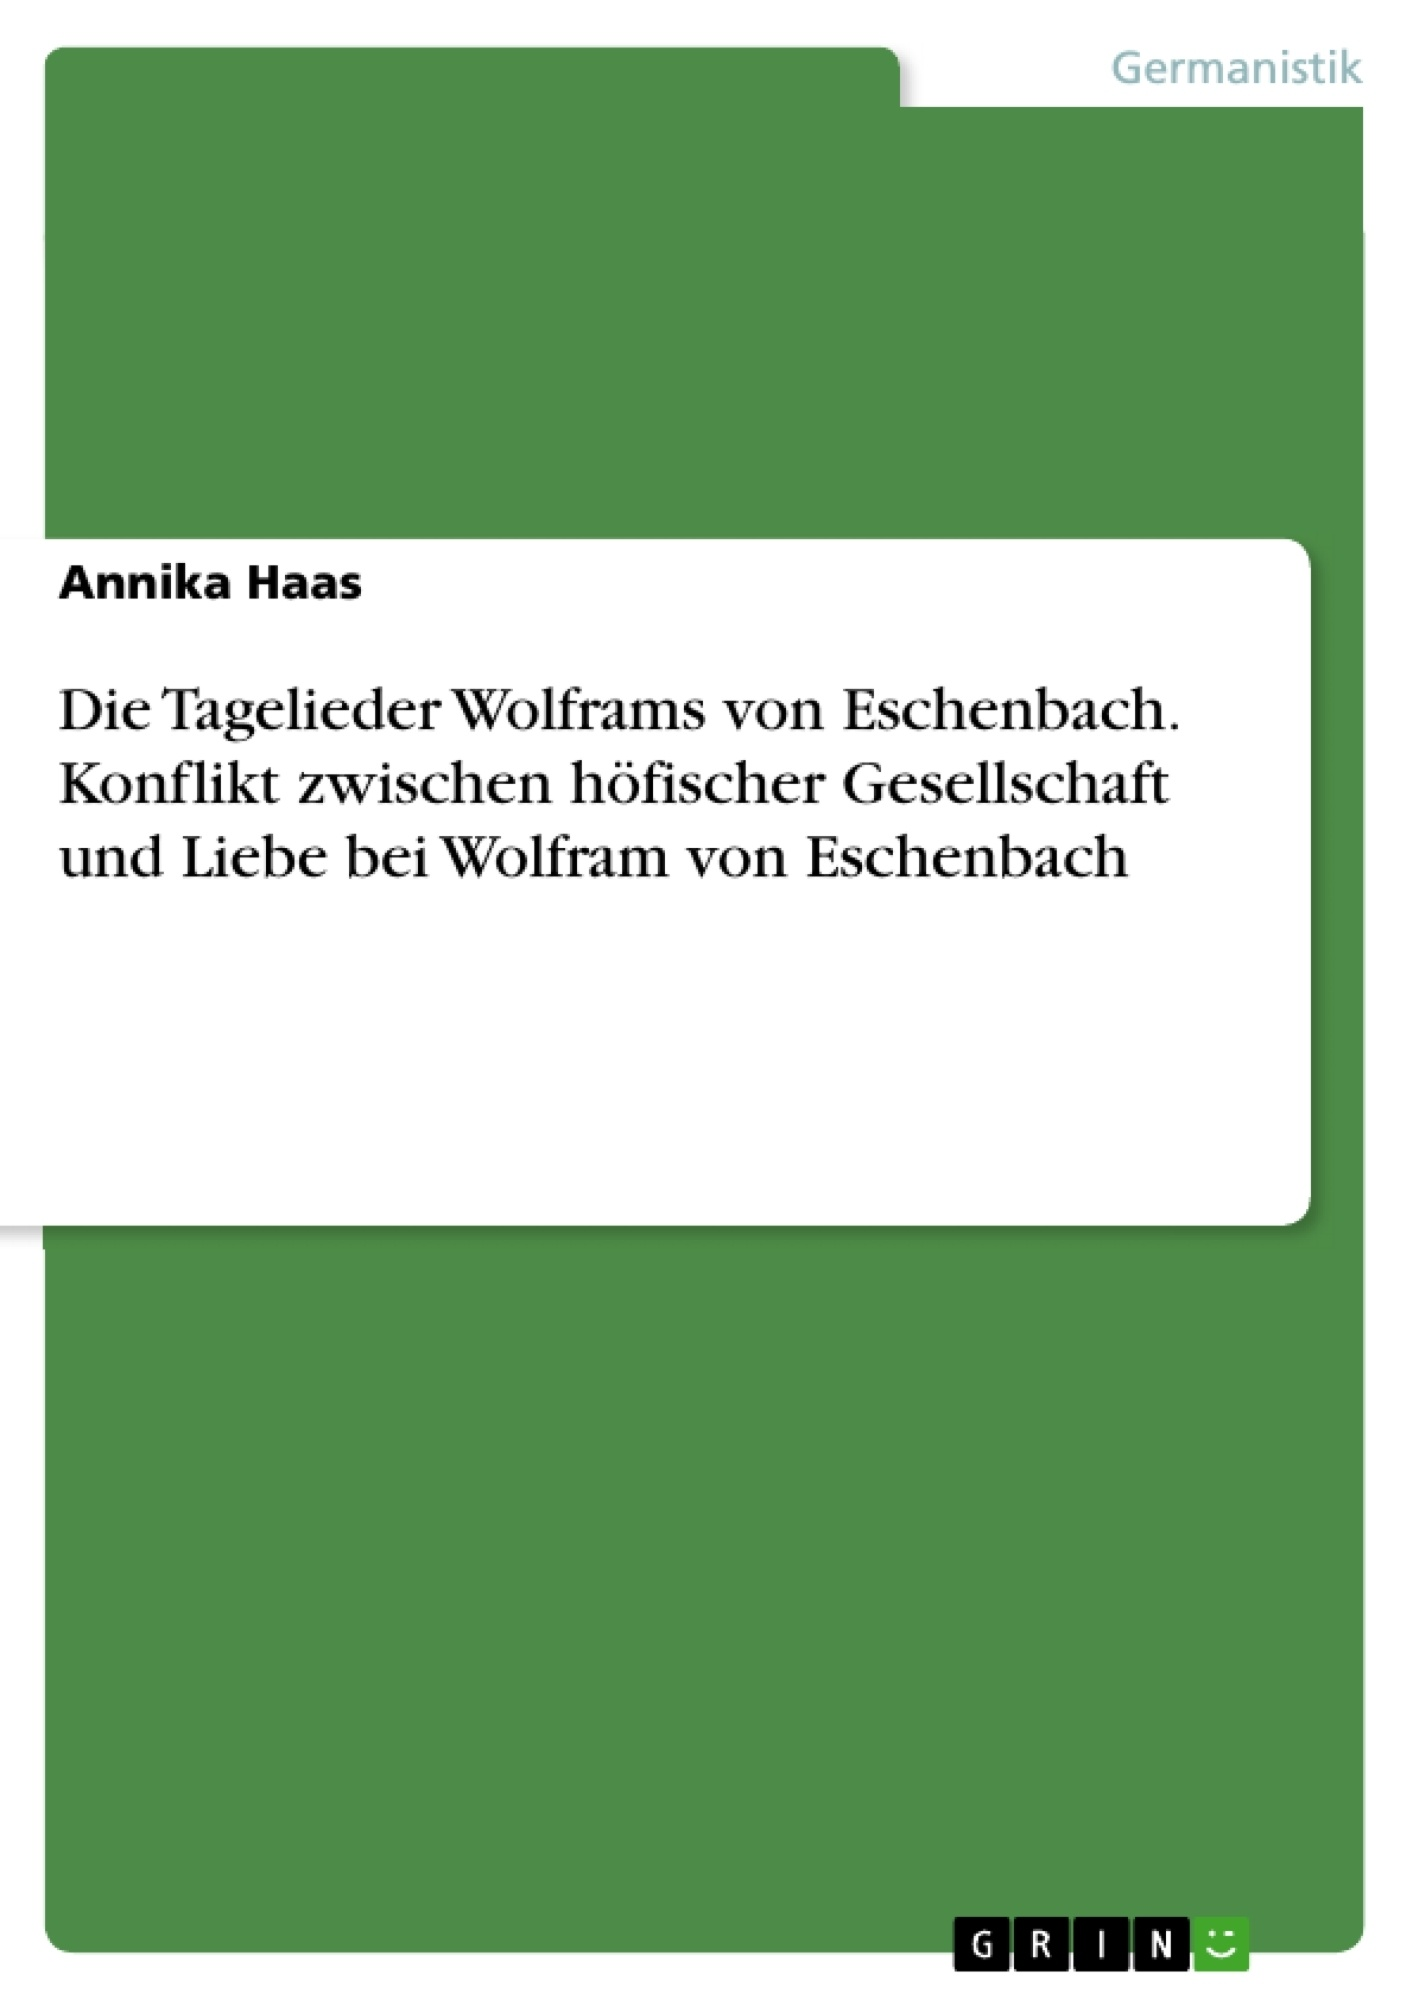 Titel: Die Tagelieder Wolframs von Eschenbach. Konflikt zwischen höfischer Gesellschaft und Liebe bei Wolfram von Eschenbach